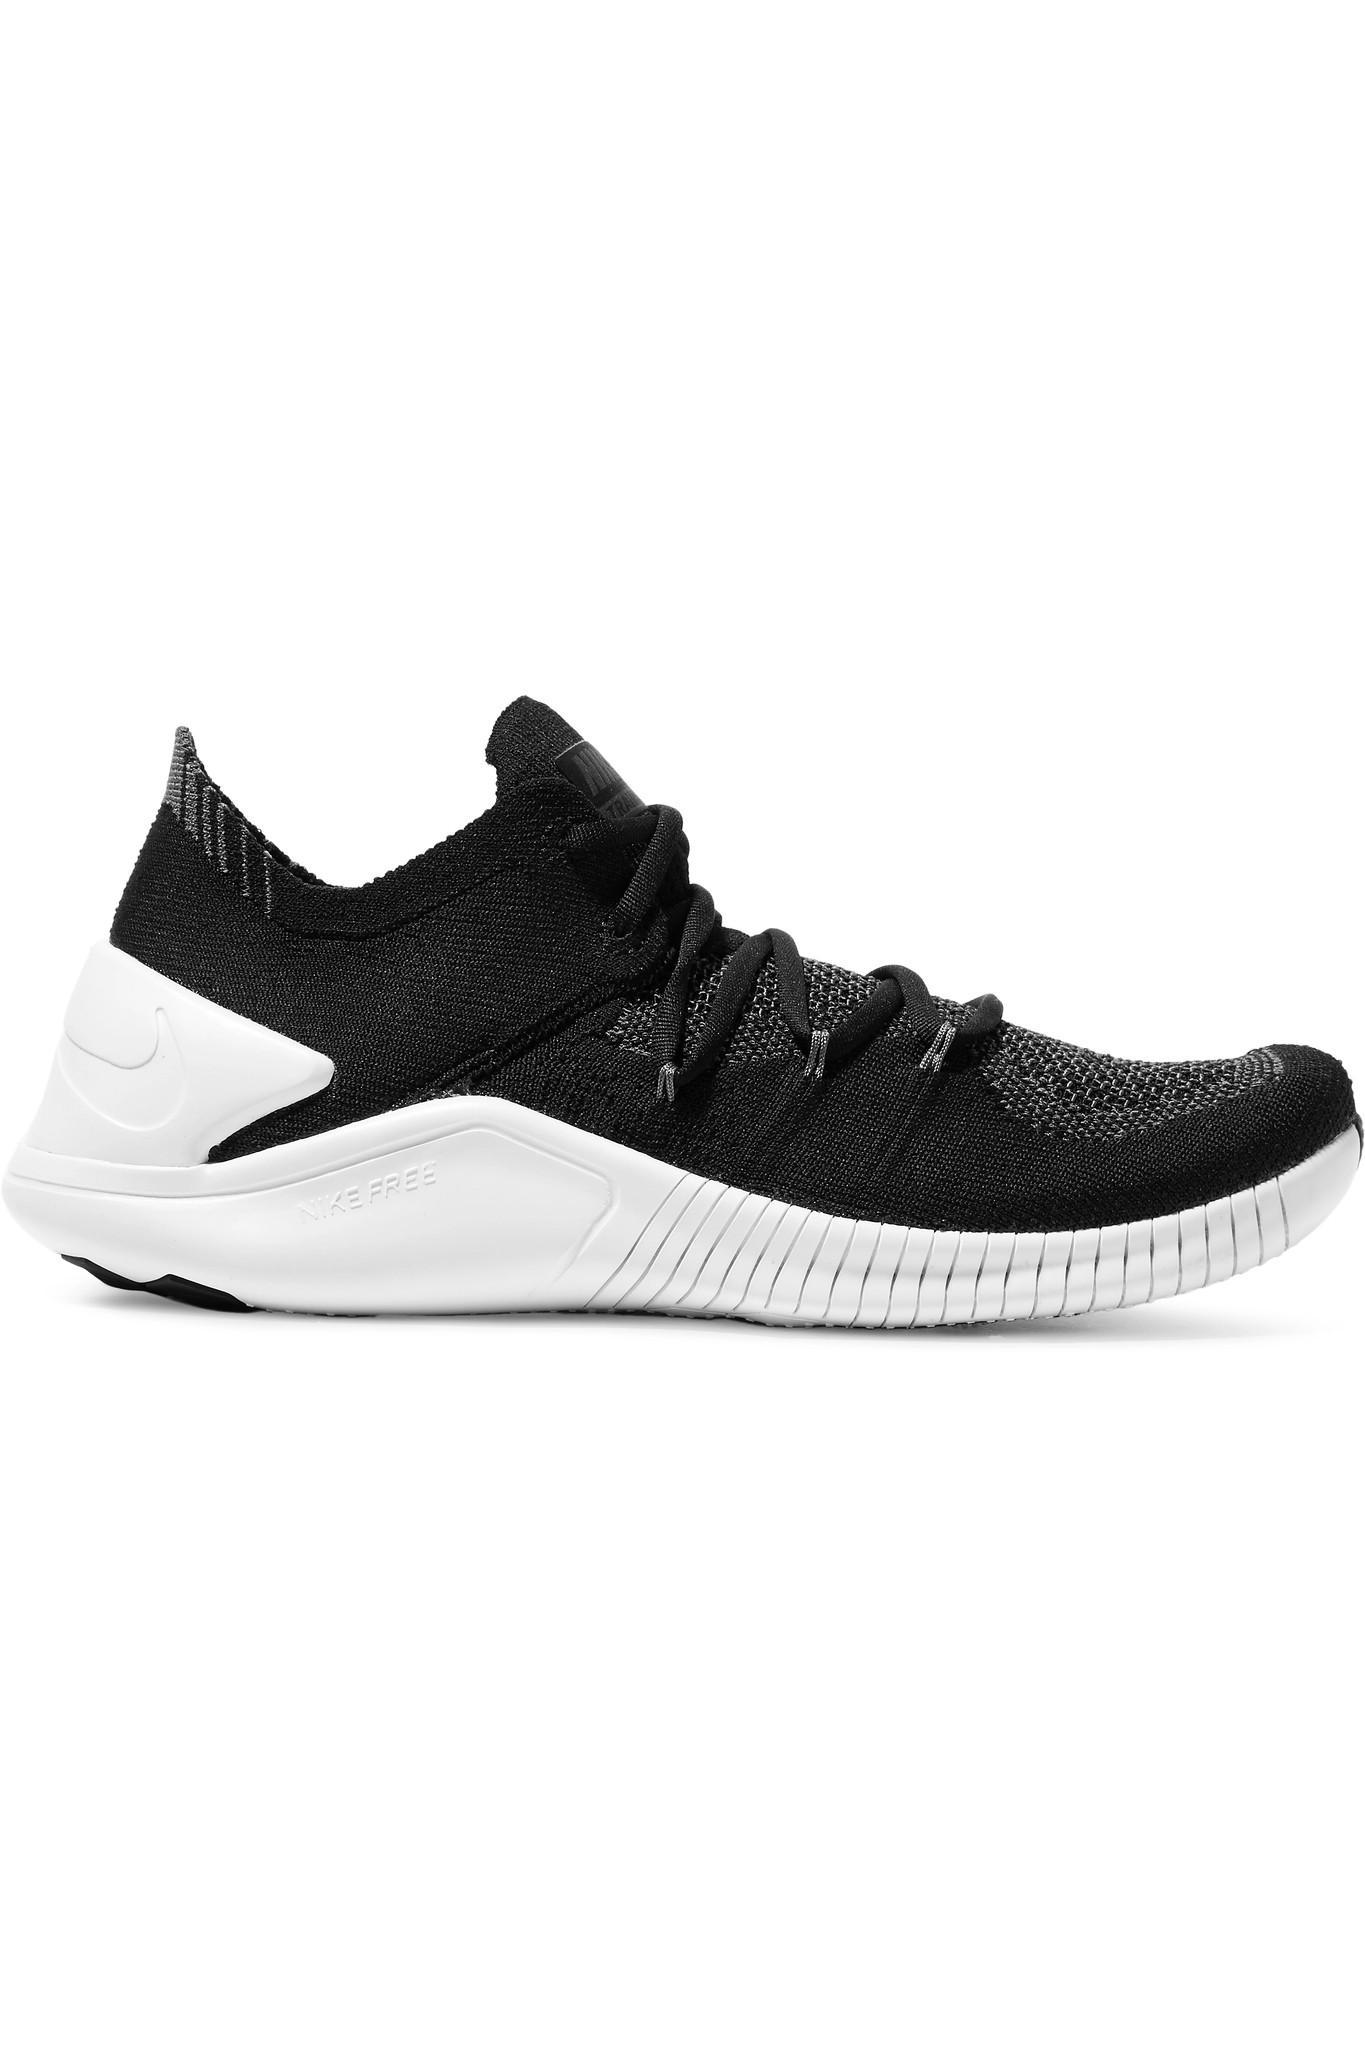 a8e315e96a18 Lyst - Nike Free Tr 3 Flyknit Sneakers in Black